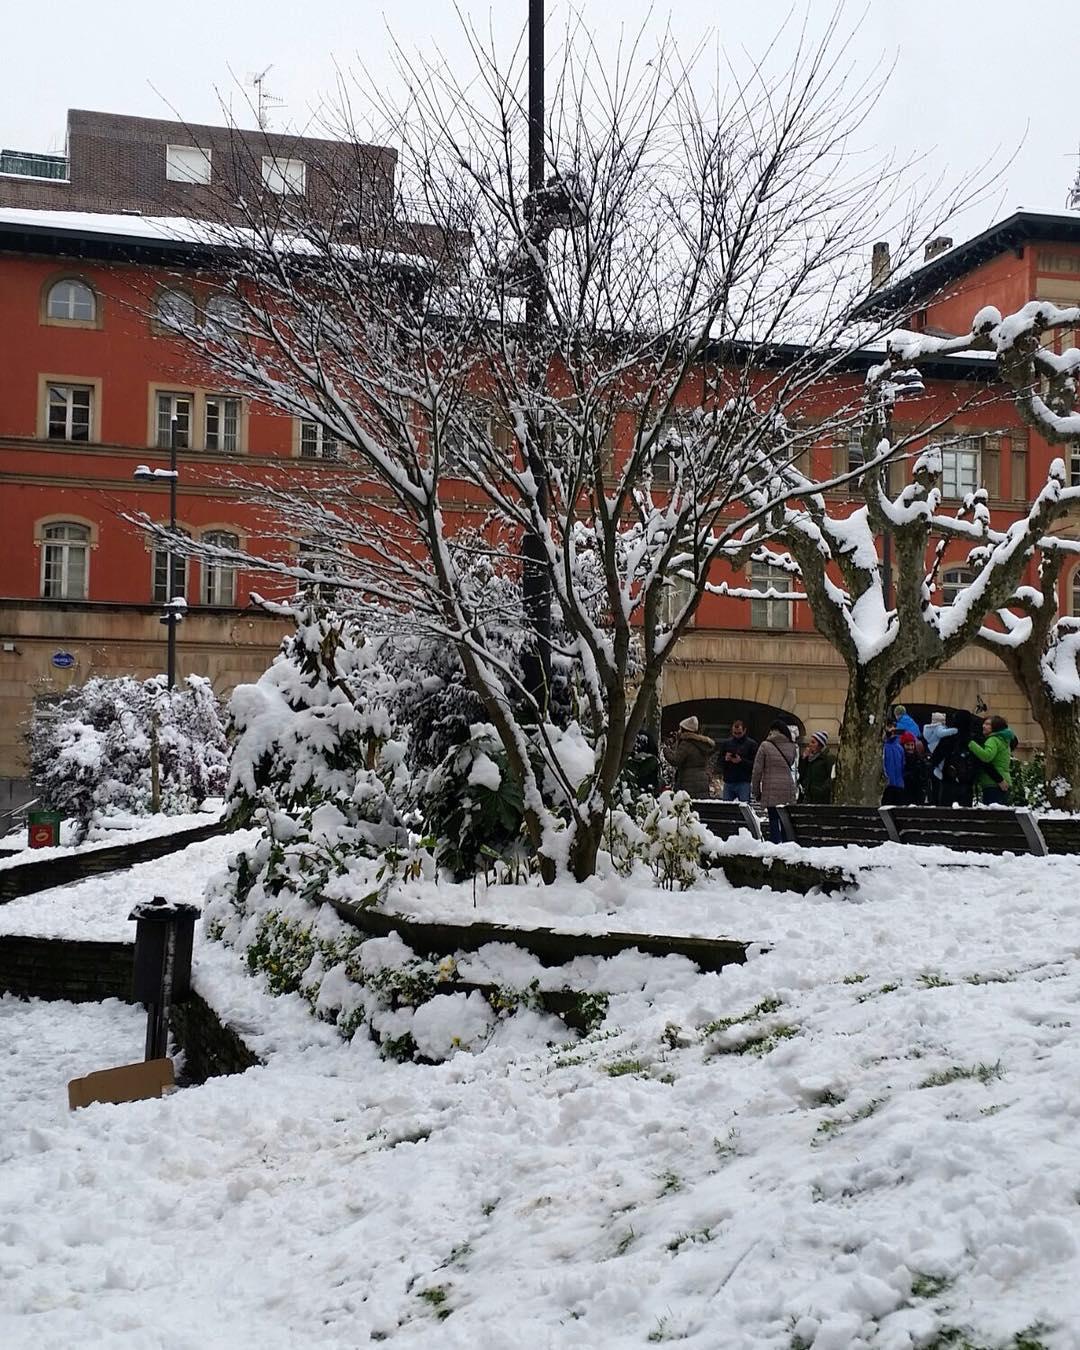 Aceves nieva!!! - Aceves Nieva!!!